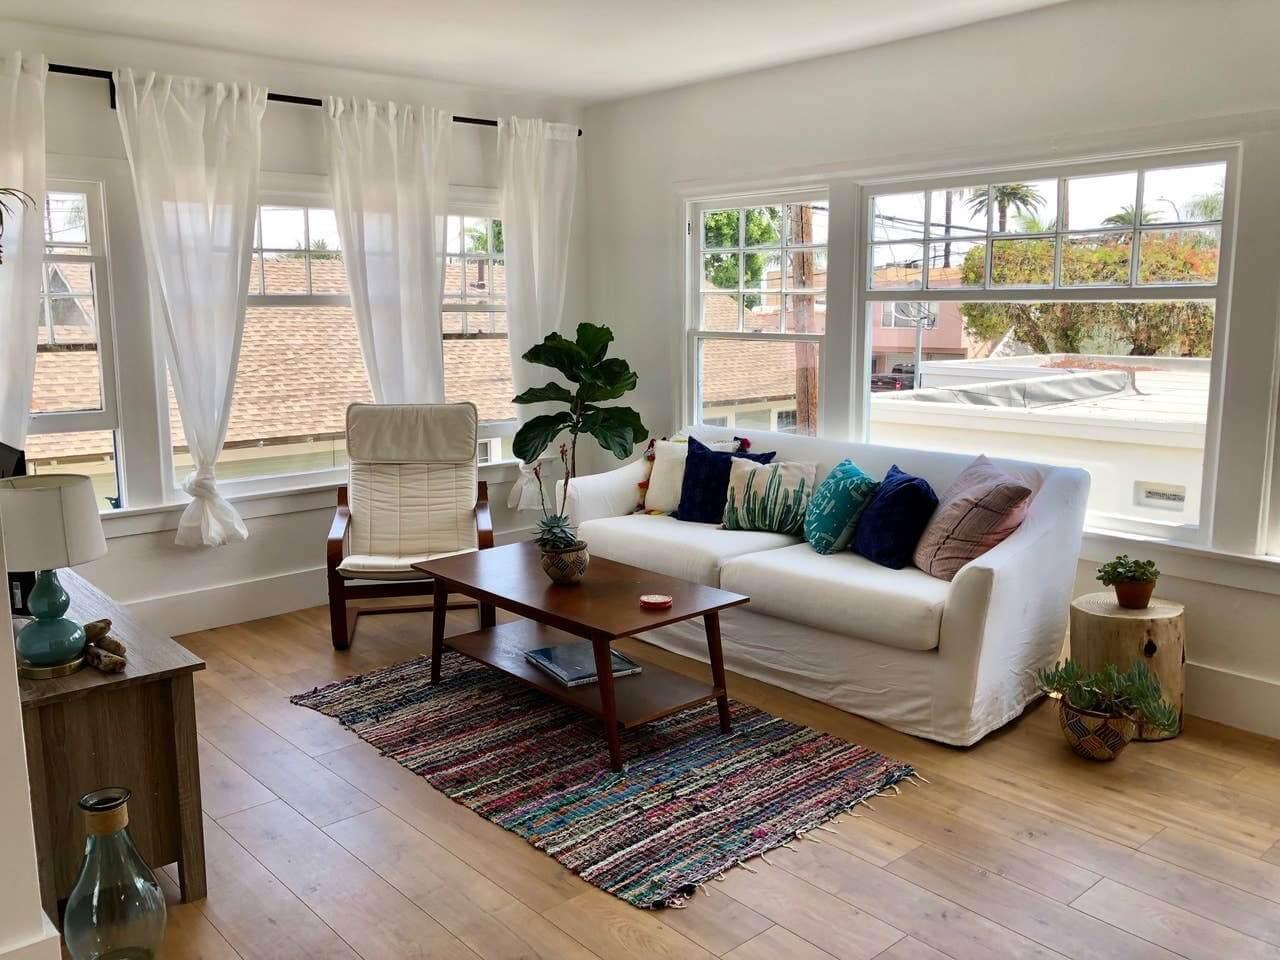 Boho Beach Retreat Airbnb, Long Beach